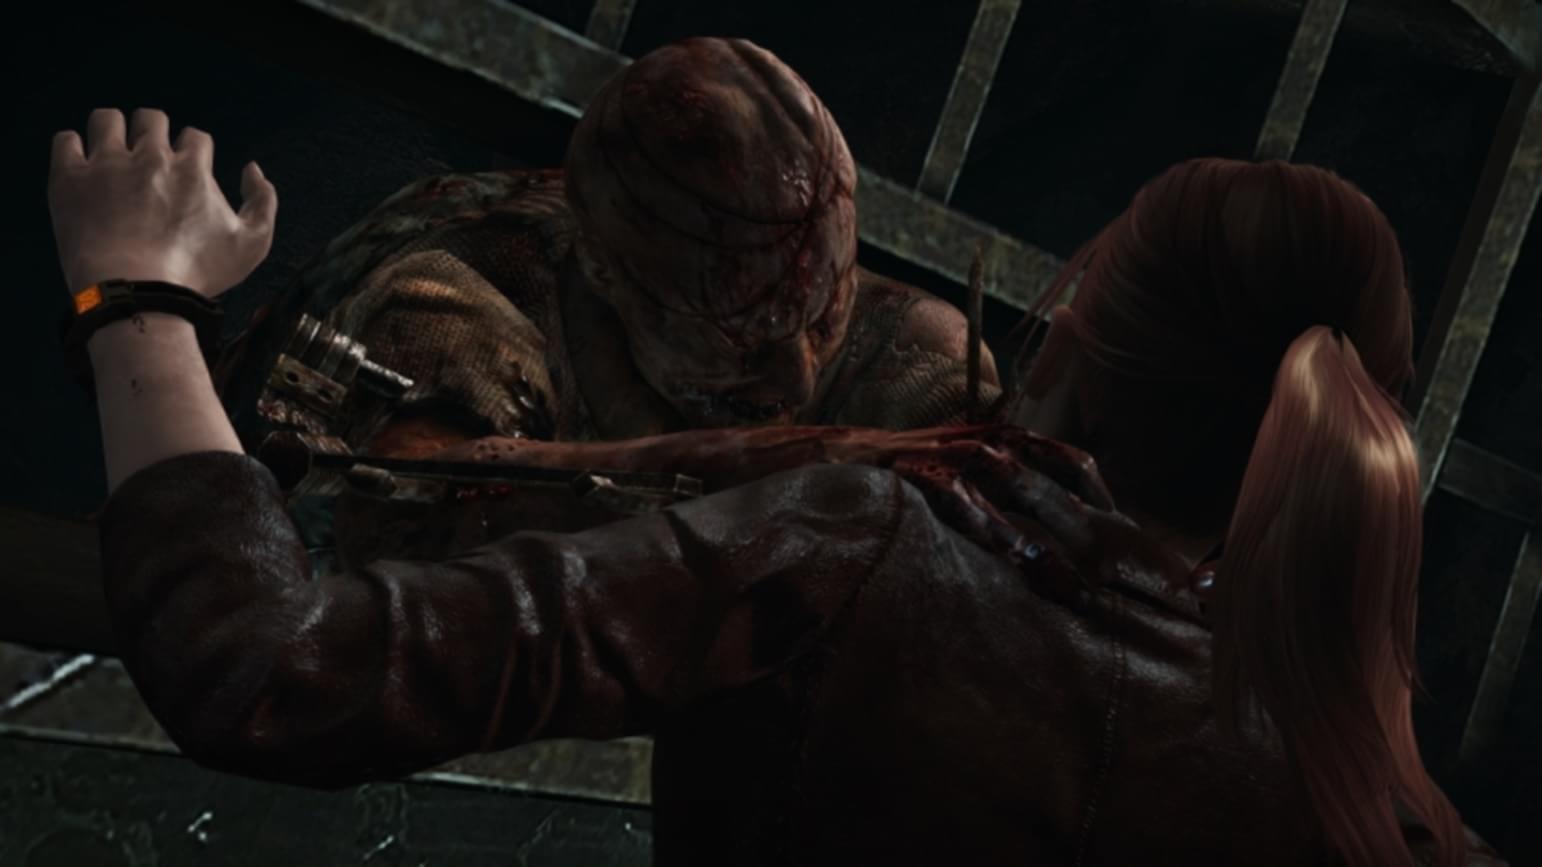 Capcom divulga imagens dos monstros de RE: Revelations 2 [imagens]